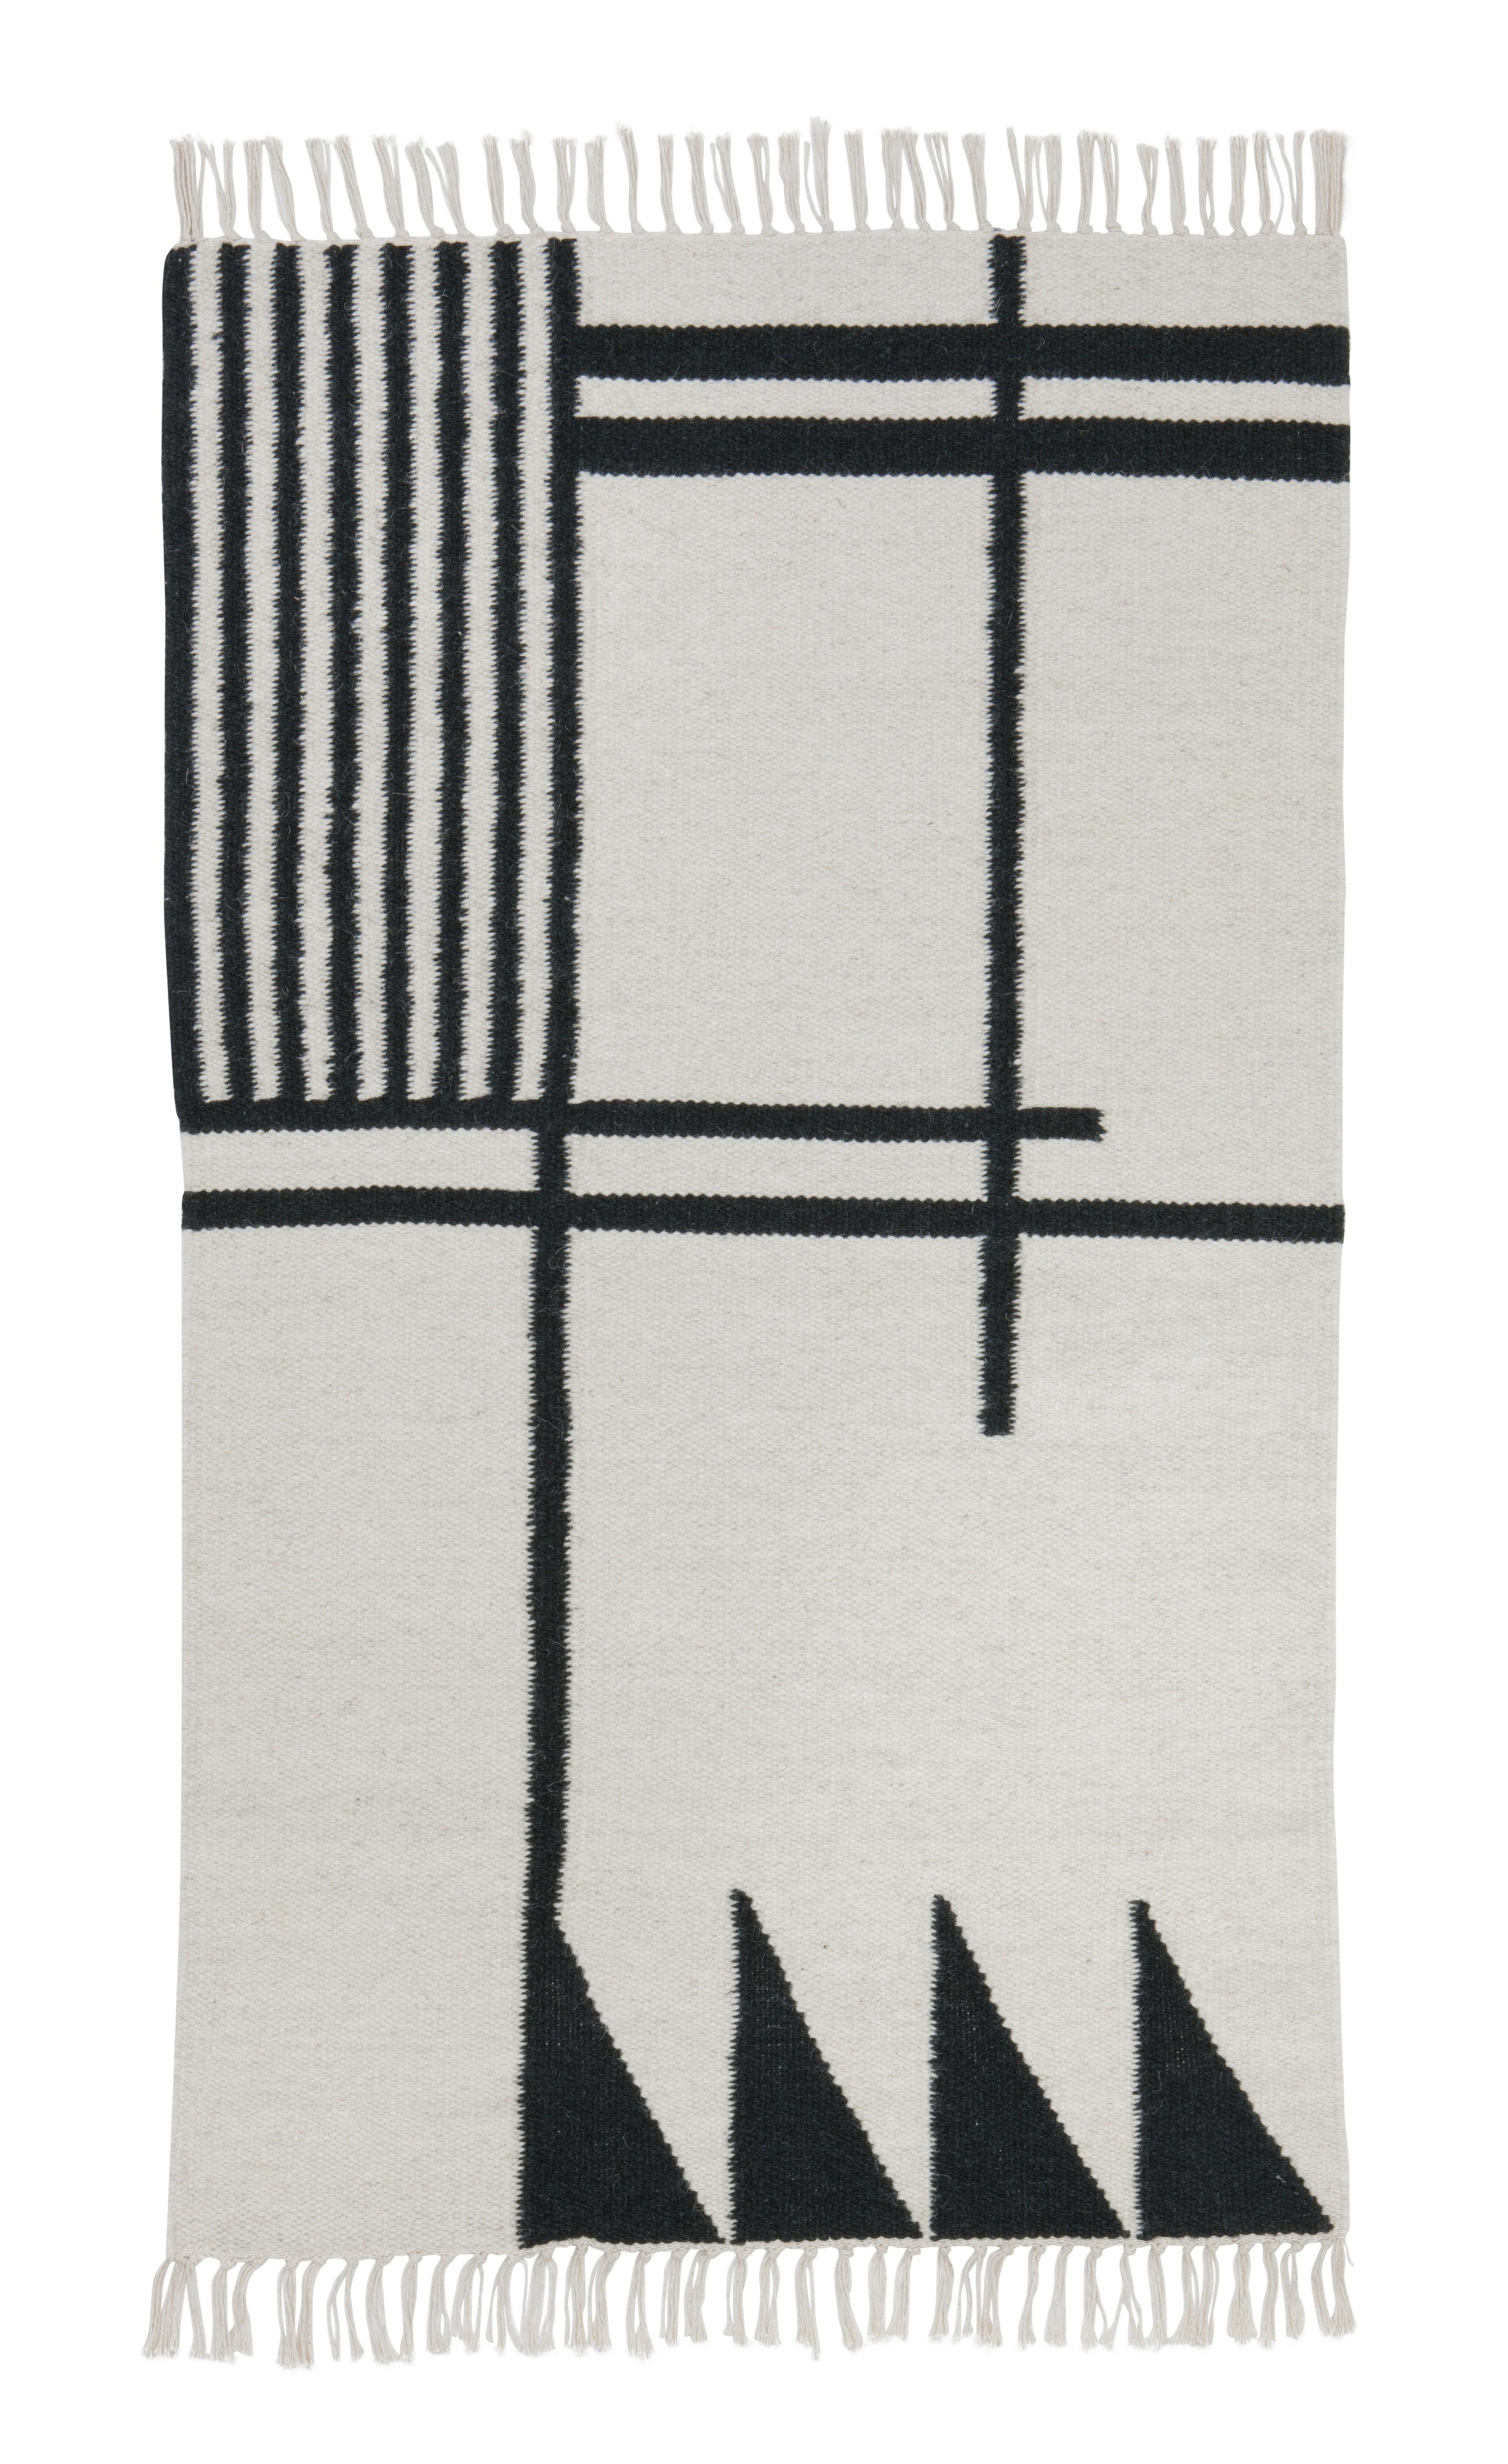 teppich kelim black lines small von ferm living schwarz wei made in design. Black Bedroom Furniture Sets. Home Design Ideas